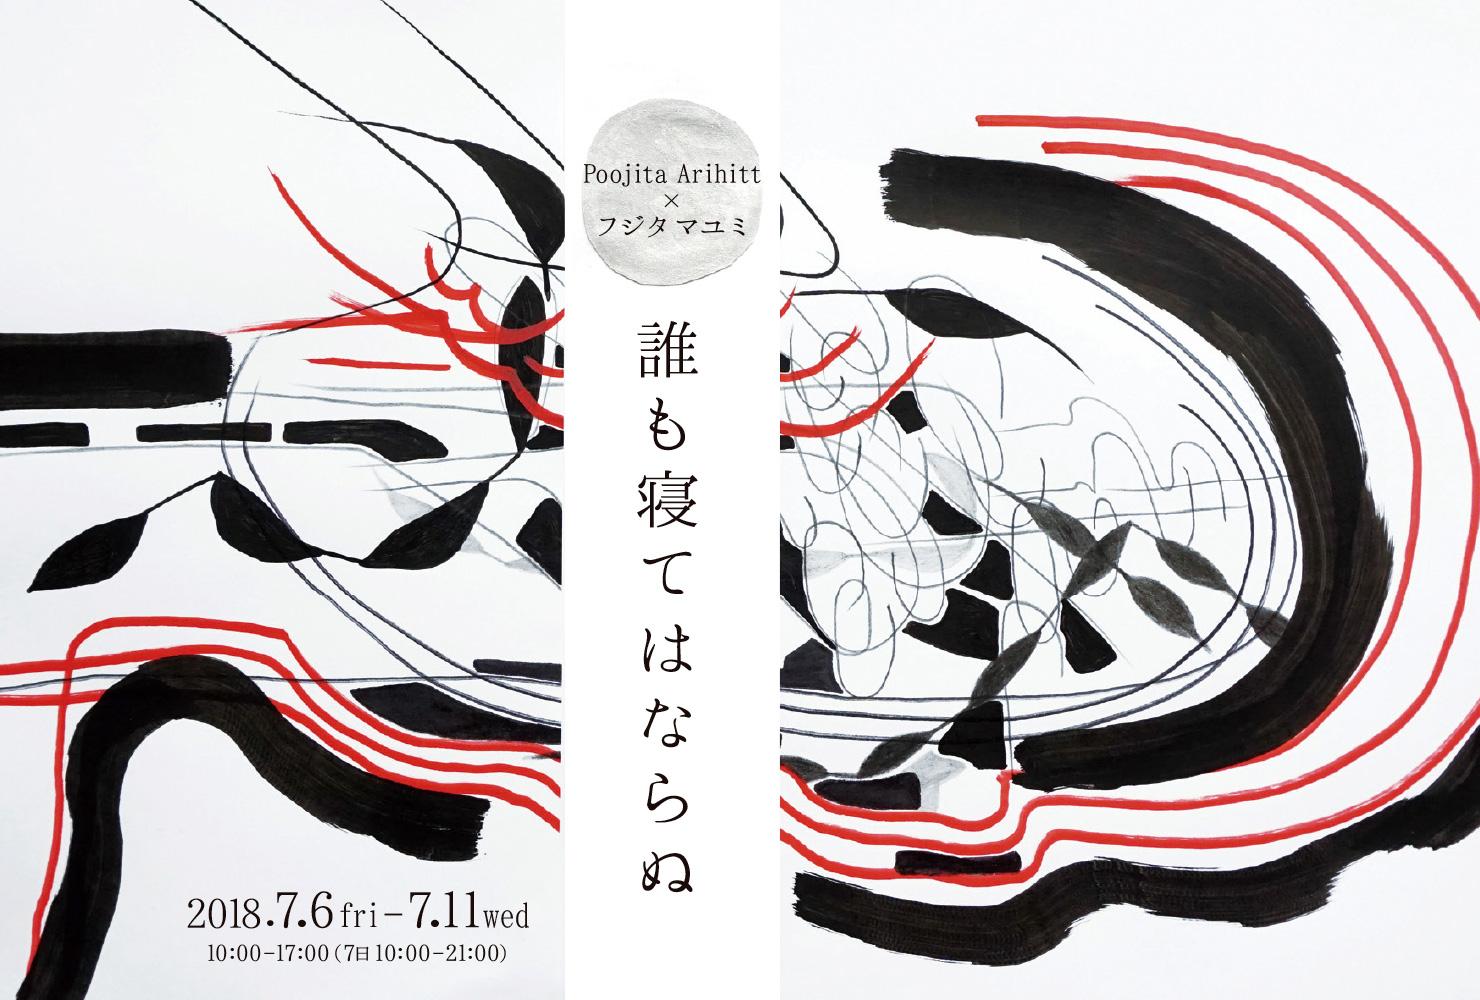 Poojita Arihitt × フジタ マユミ『誰も寝てはならぬ』